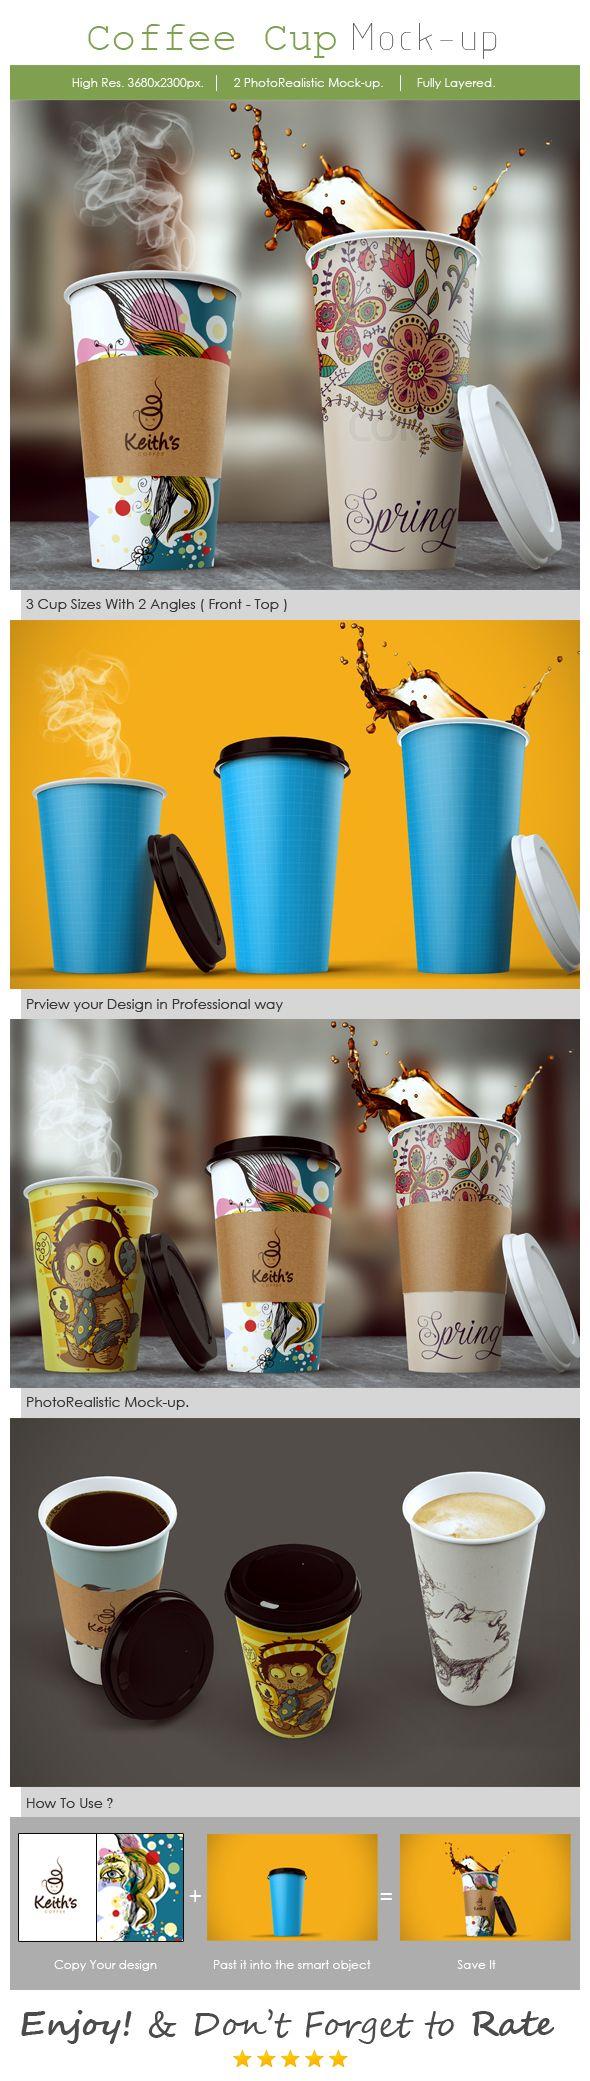 https://www.behance.net/gallery/19029687/Coffee-Cup-Mockup